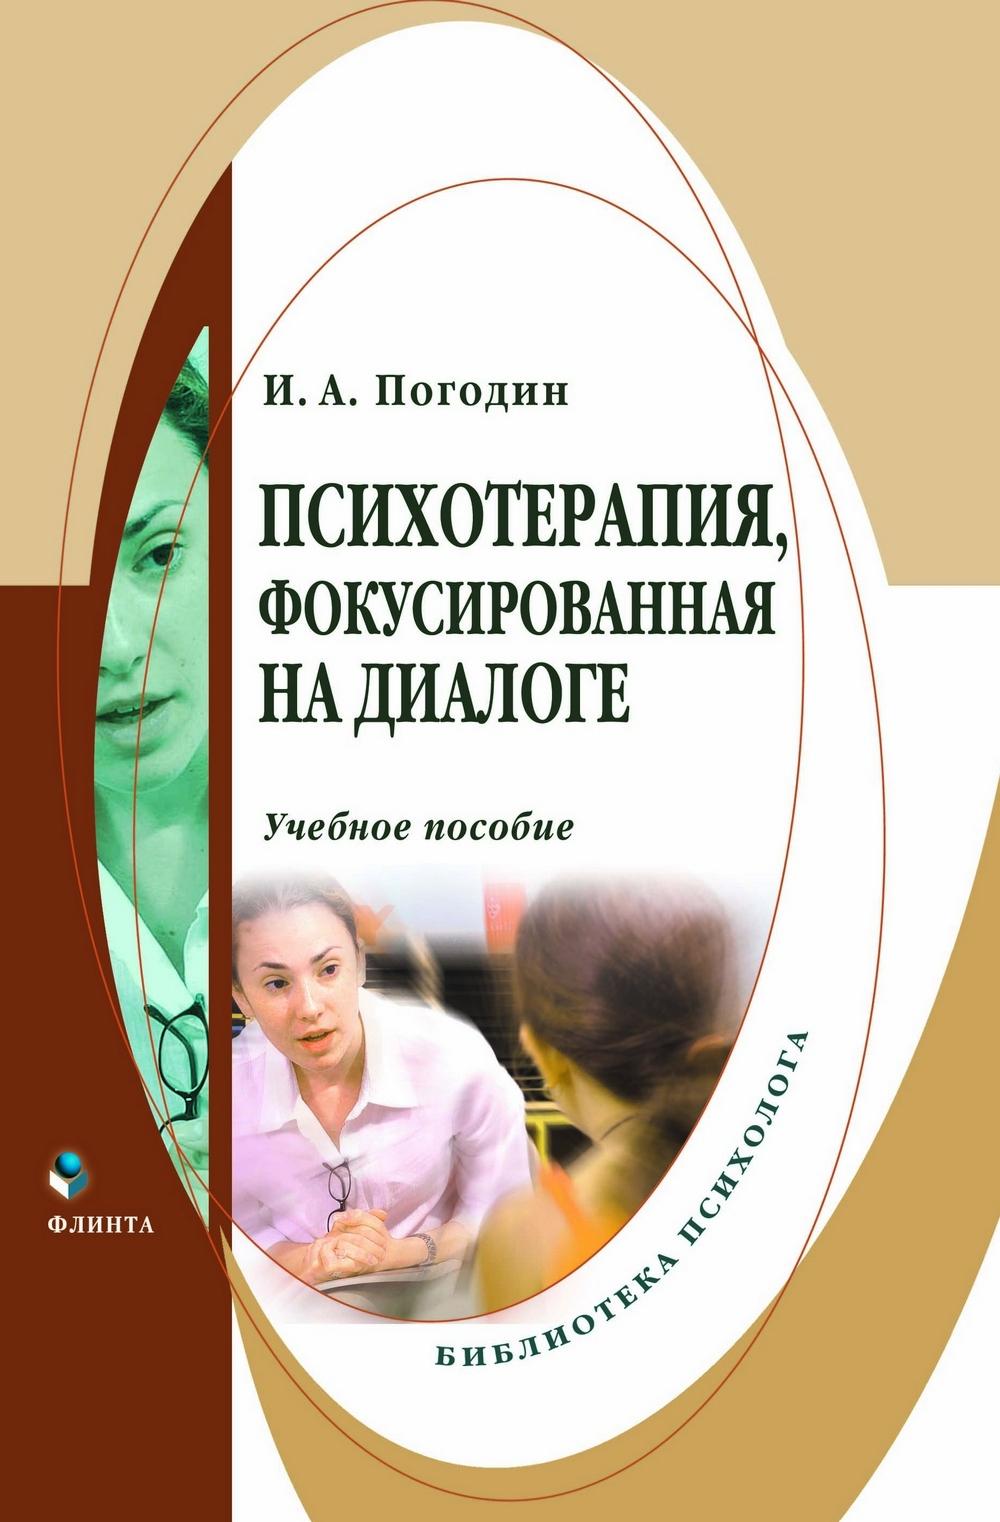 И. А. Погодин Психотерапия, фокусированная на диалоге и а погодин психотерапия фокусированная на диалоге